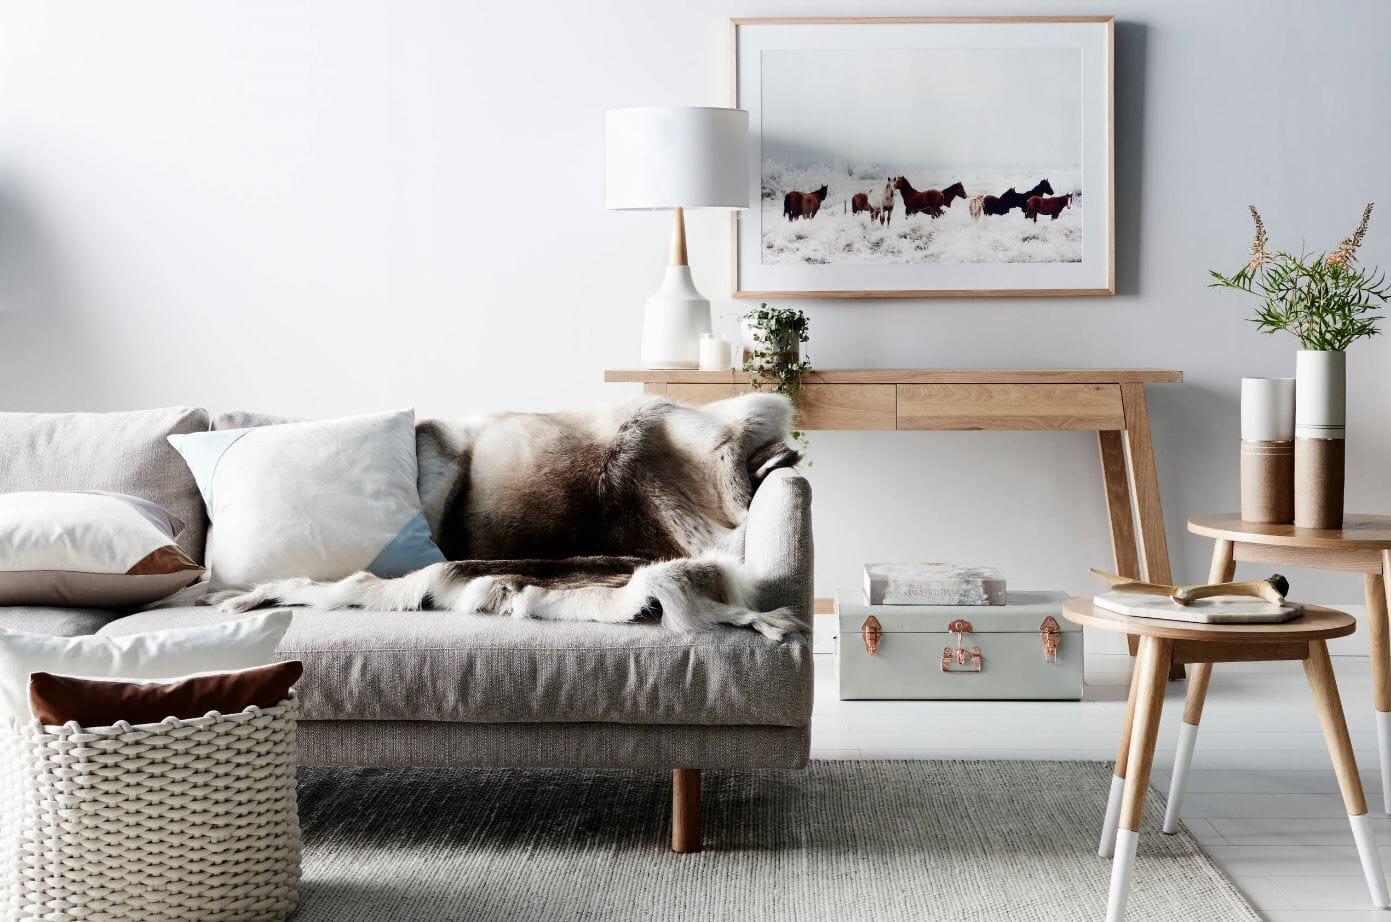 winter 2019 interior design trends feature